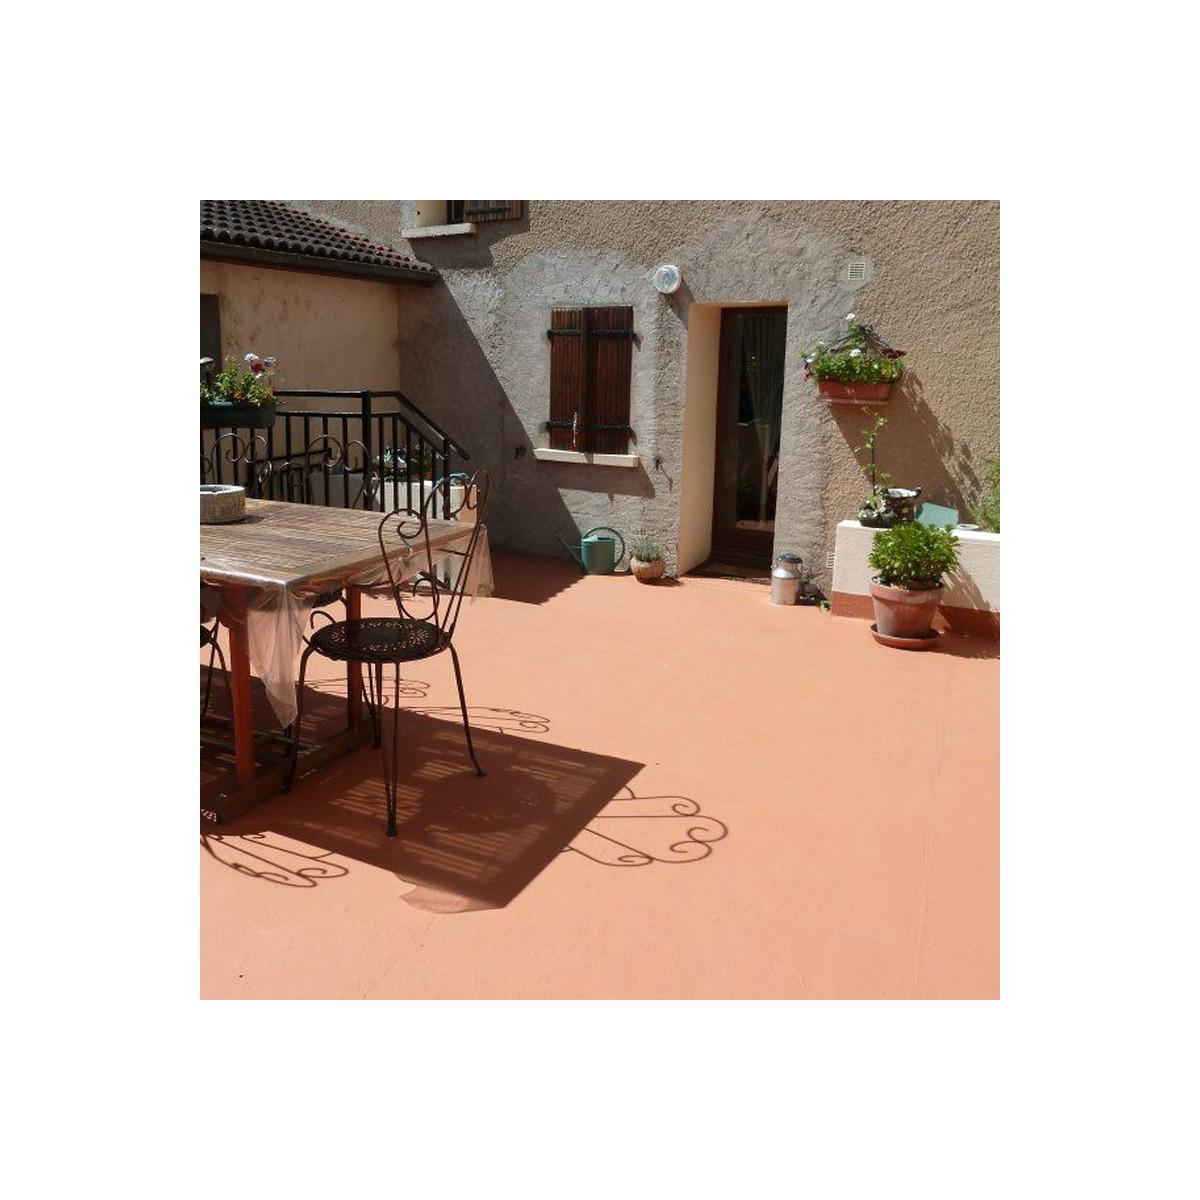 Peinture etancheite exterieur terrasse balcon for Maison etanche